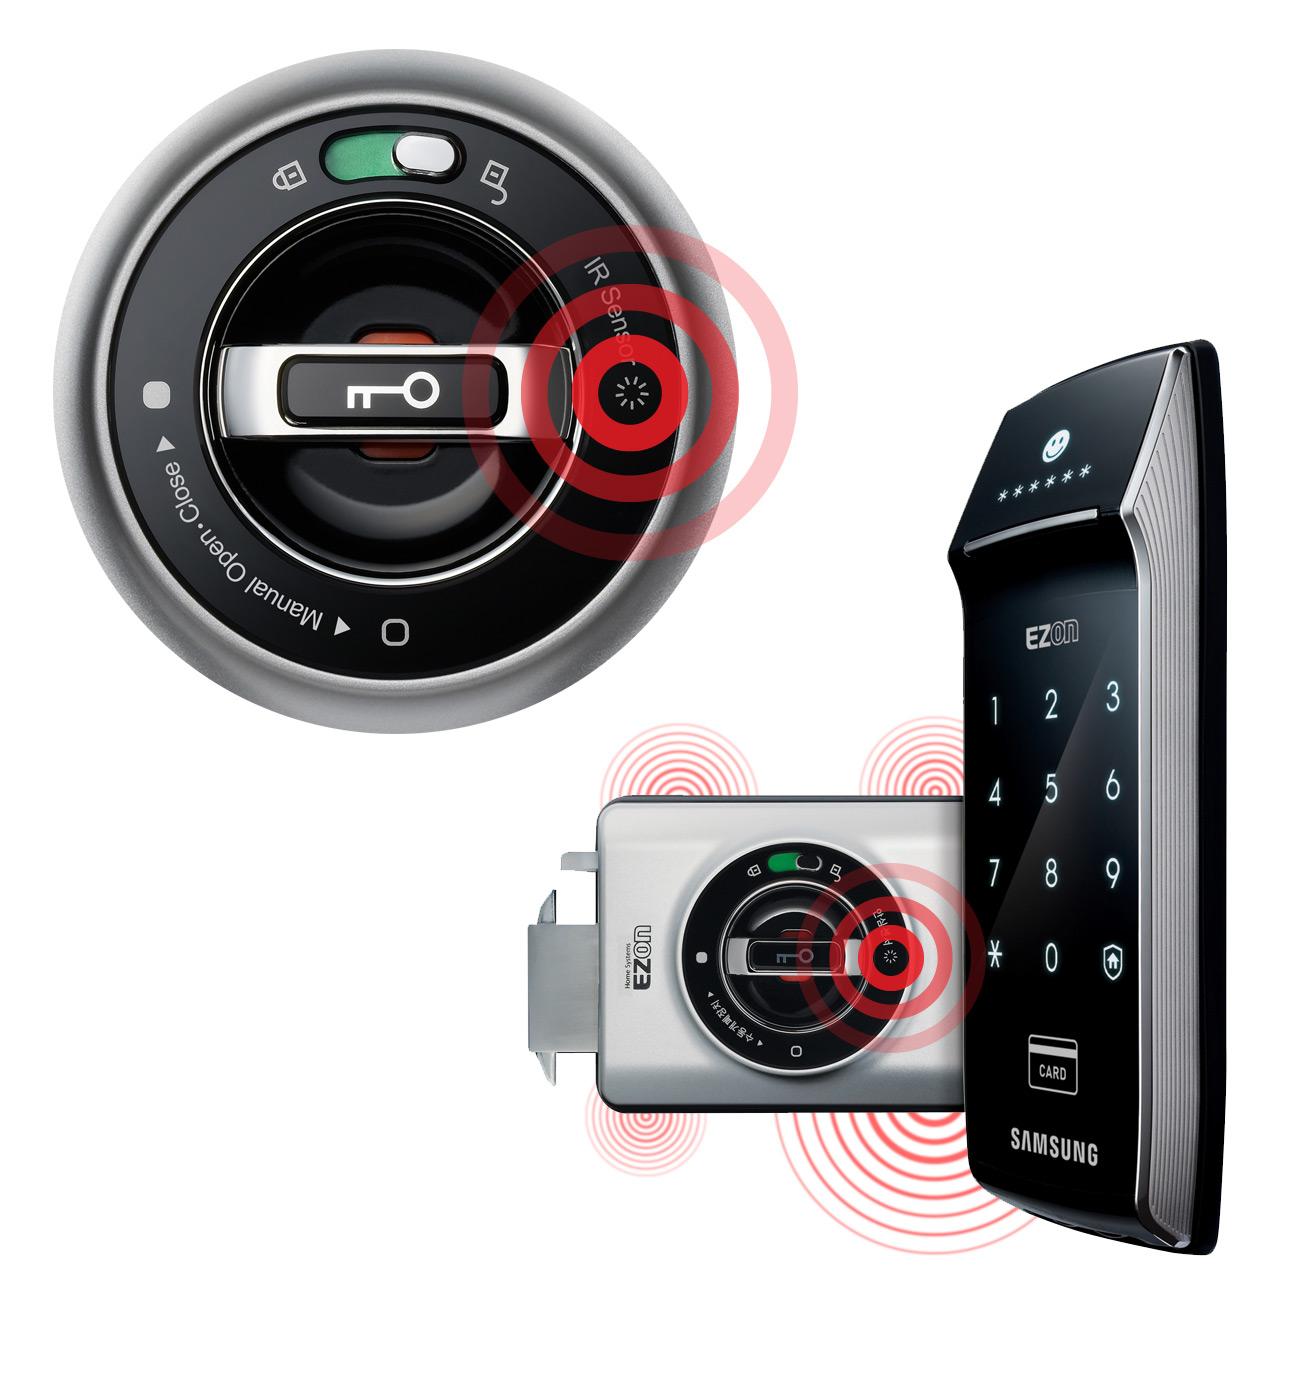 Đánh giá khóa cửa điện tử Samsung SHS-2320 chính hãng